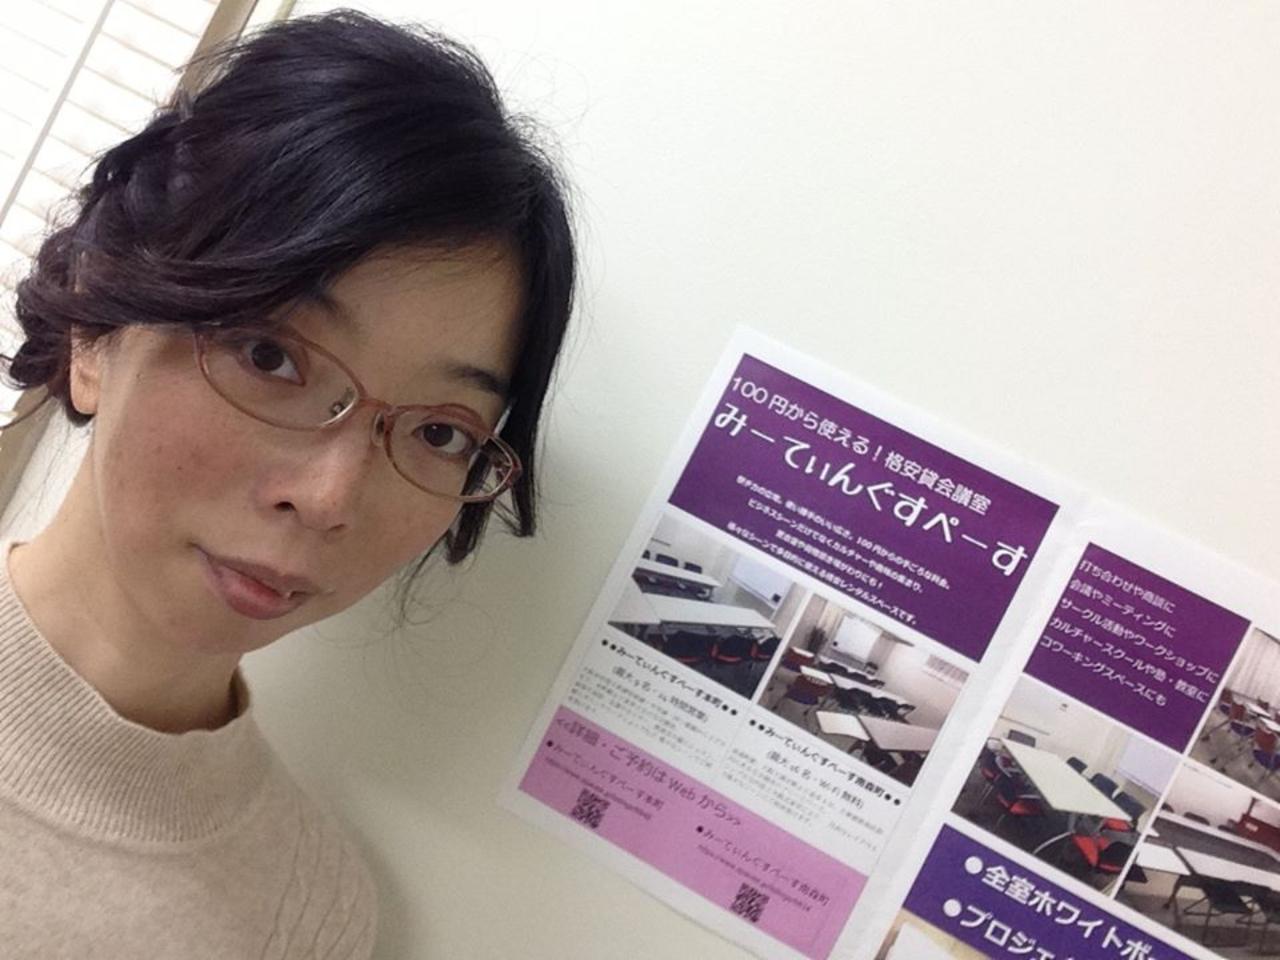 【10/20】情報整理術セミナーの開催が決まりました!